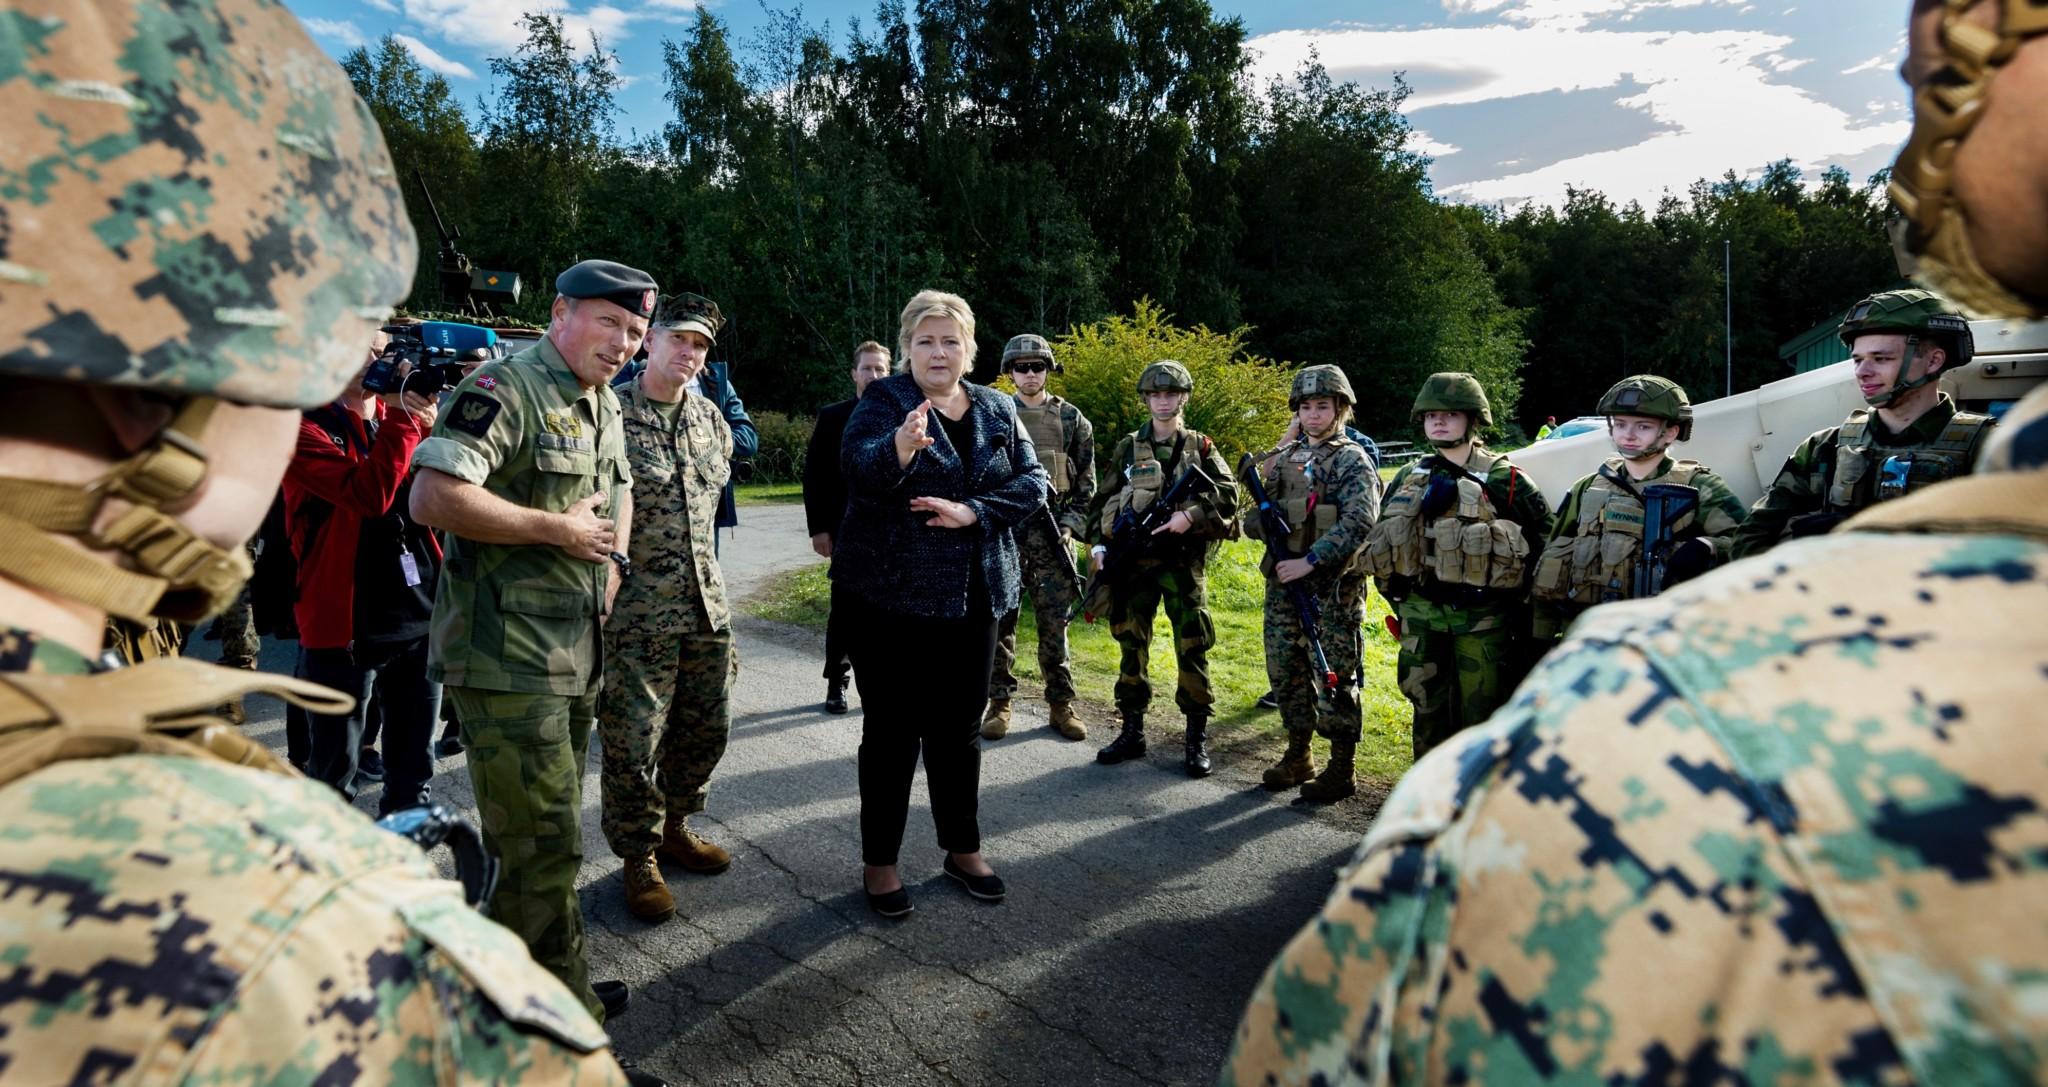 Forventer cyberangrep under NATO-øvelse